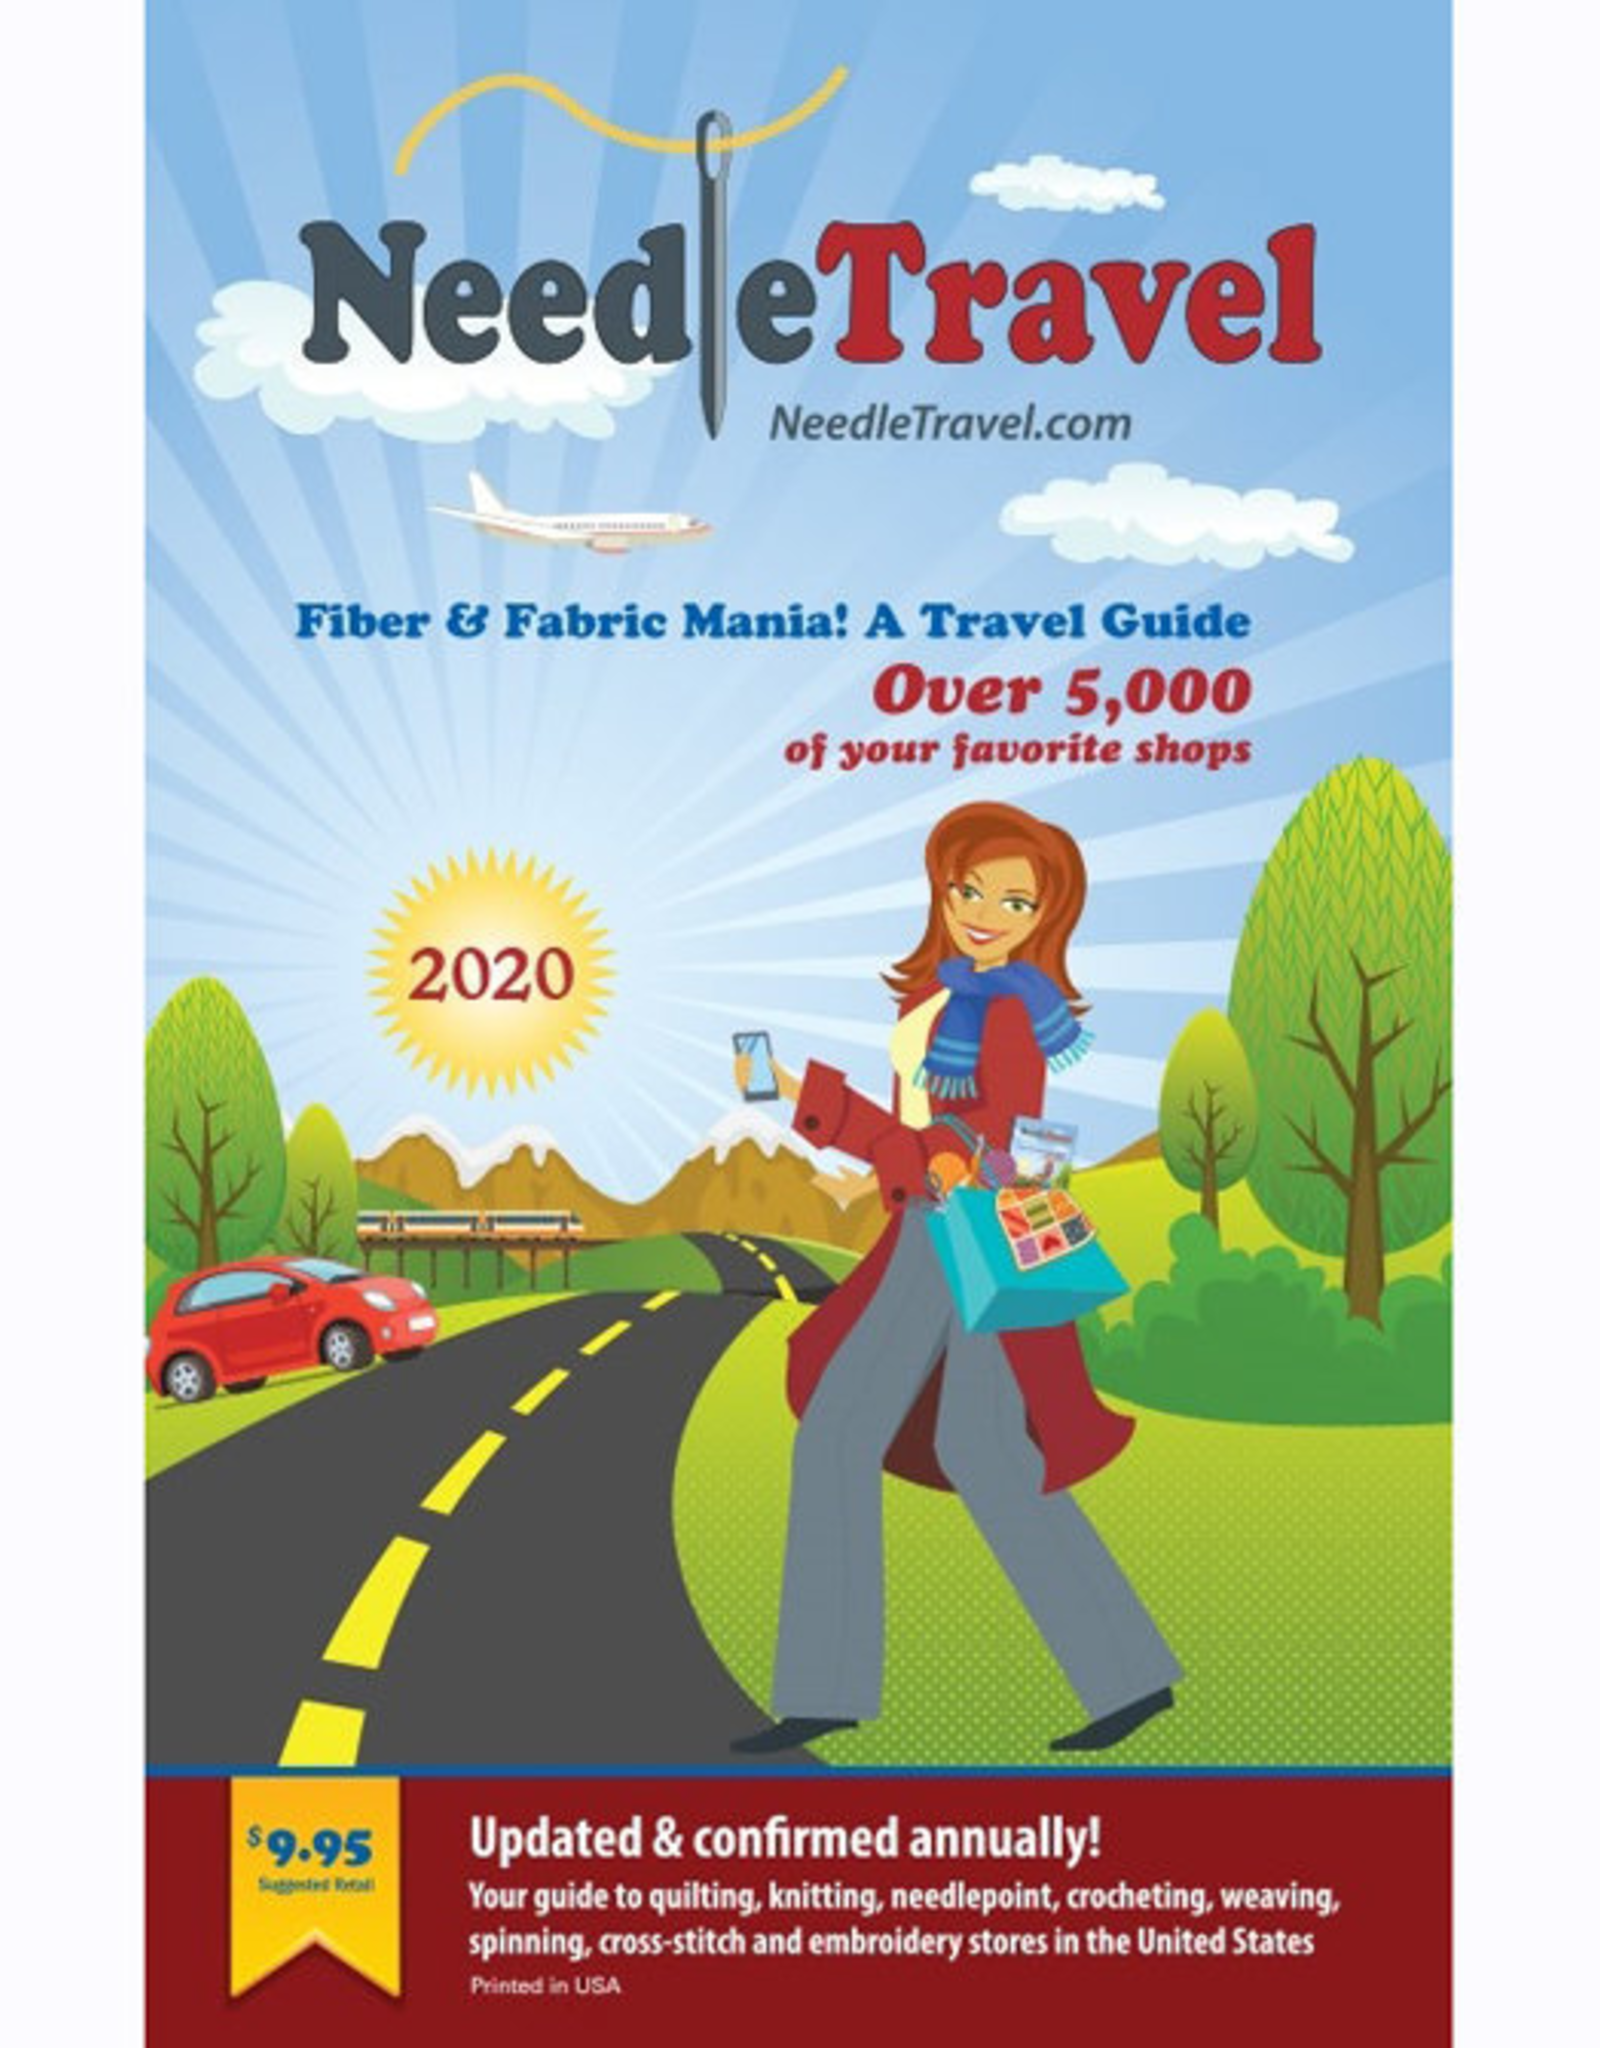 Fiber & Fabric Mania! a Travel Guide 2020